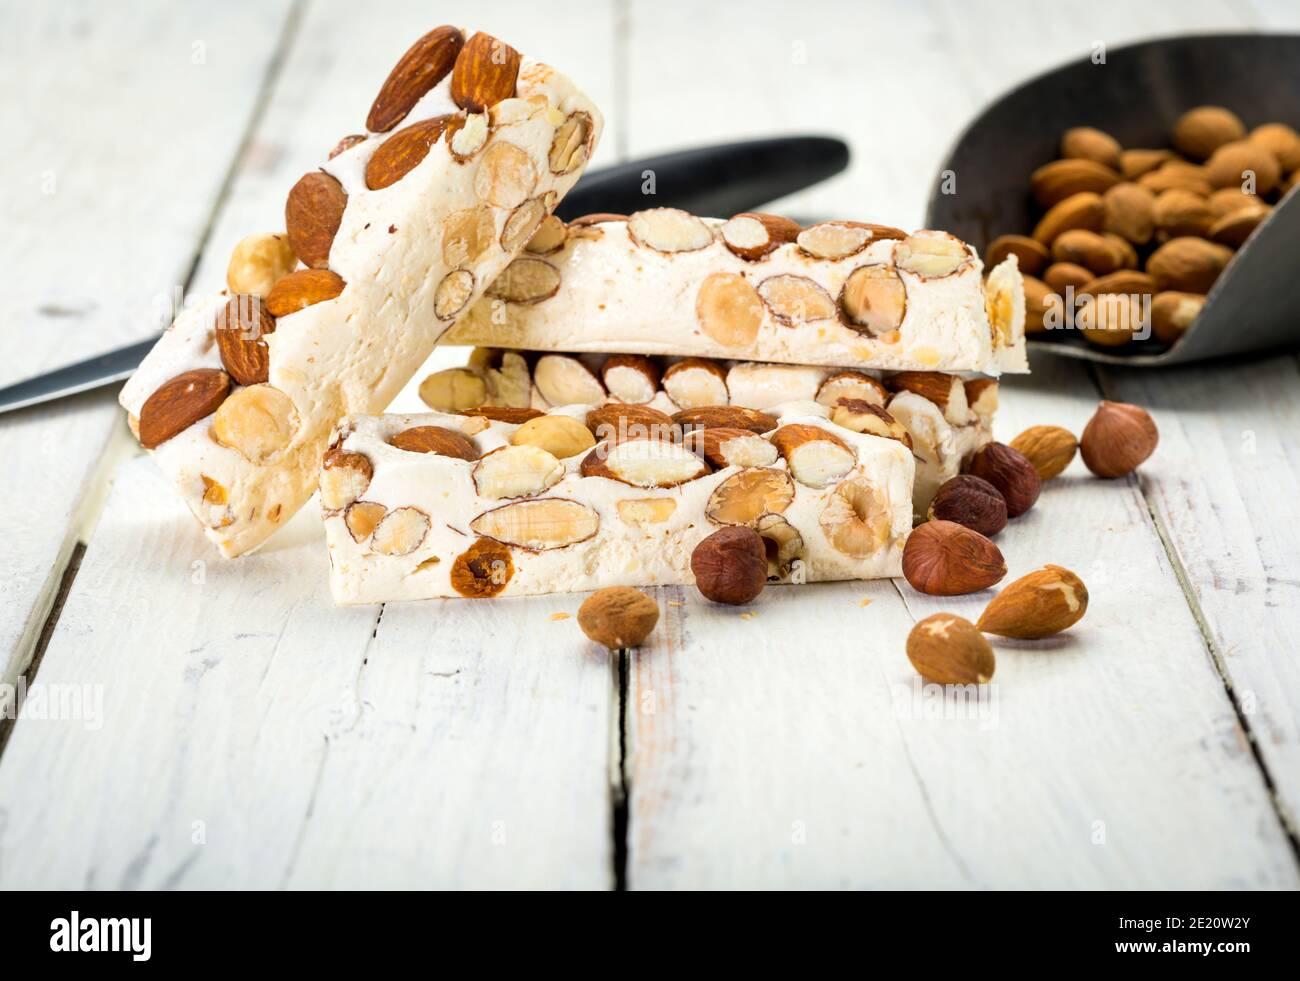 Blocchi di Turron con mandorle e nocciole su rustico tavolo di legno con coltello e pala Foto Stock